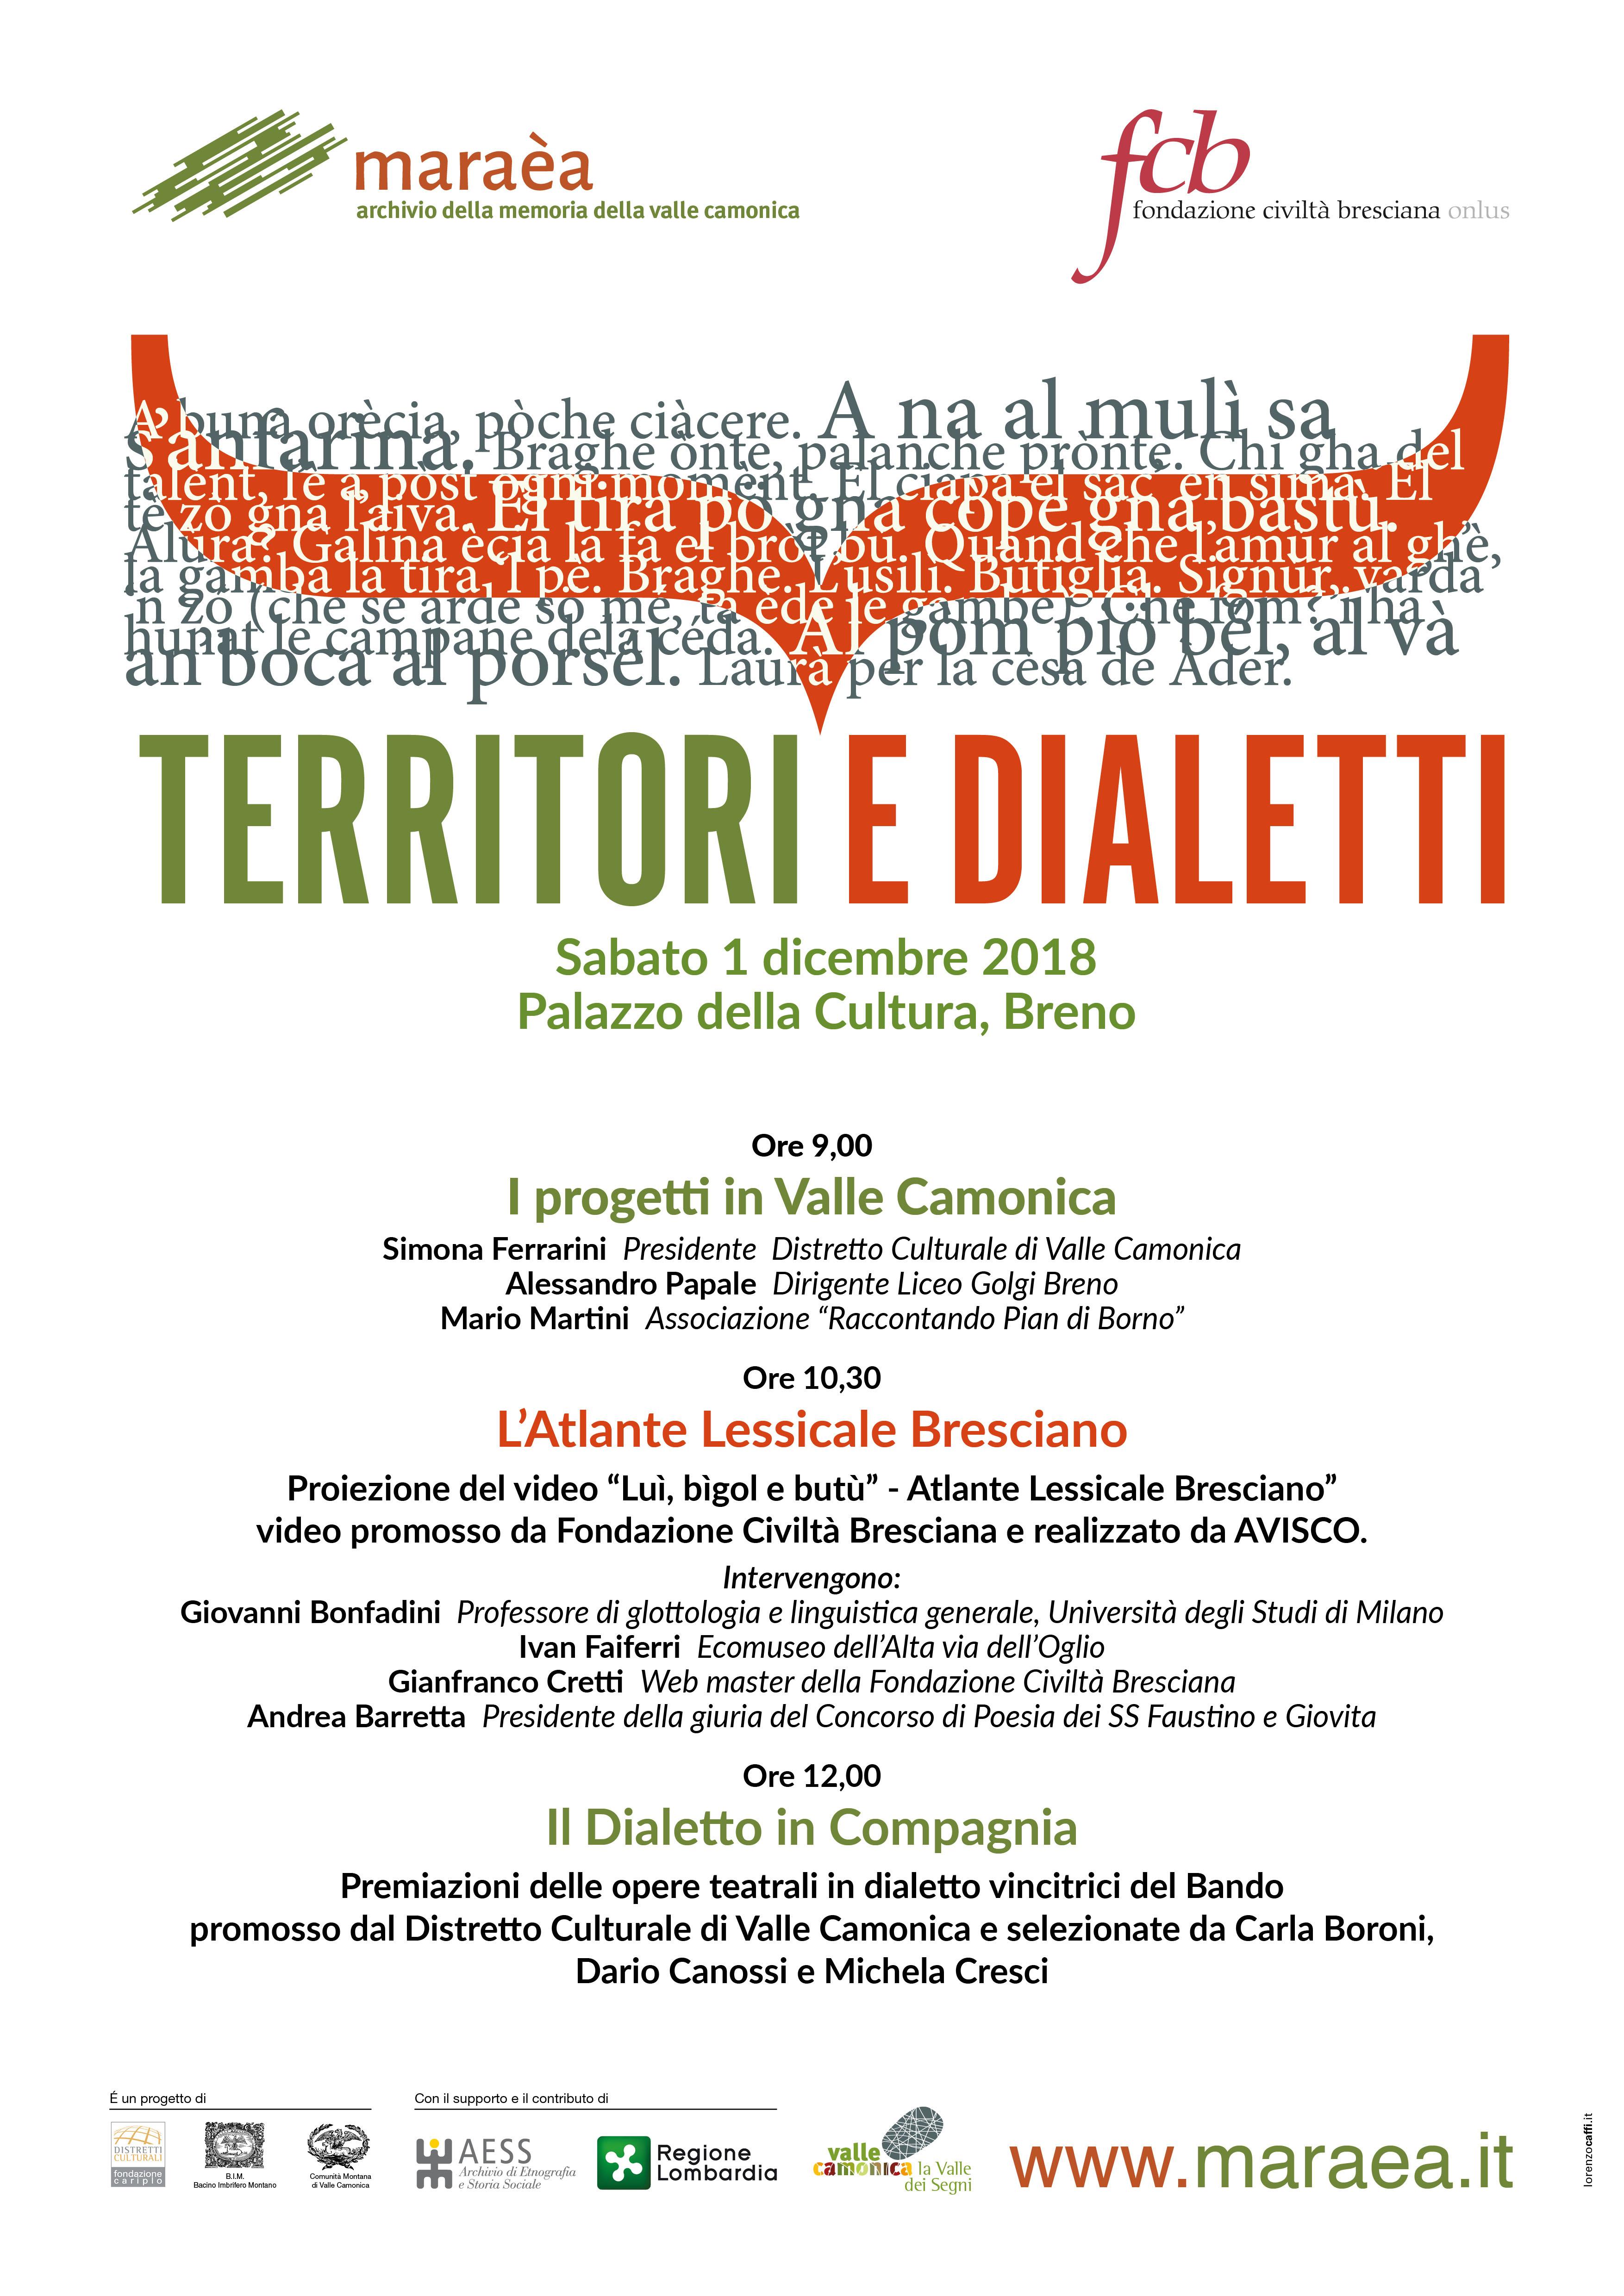 territori e dialetti distretto culturale valle camonica fondazione civiltà bresciana